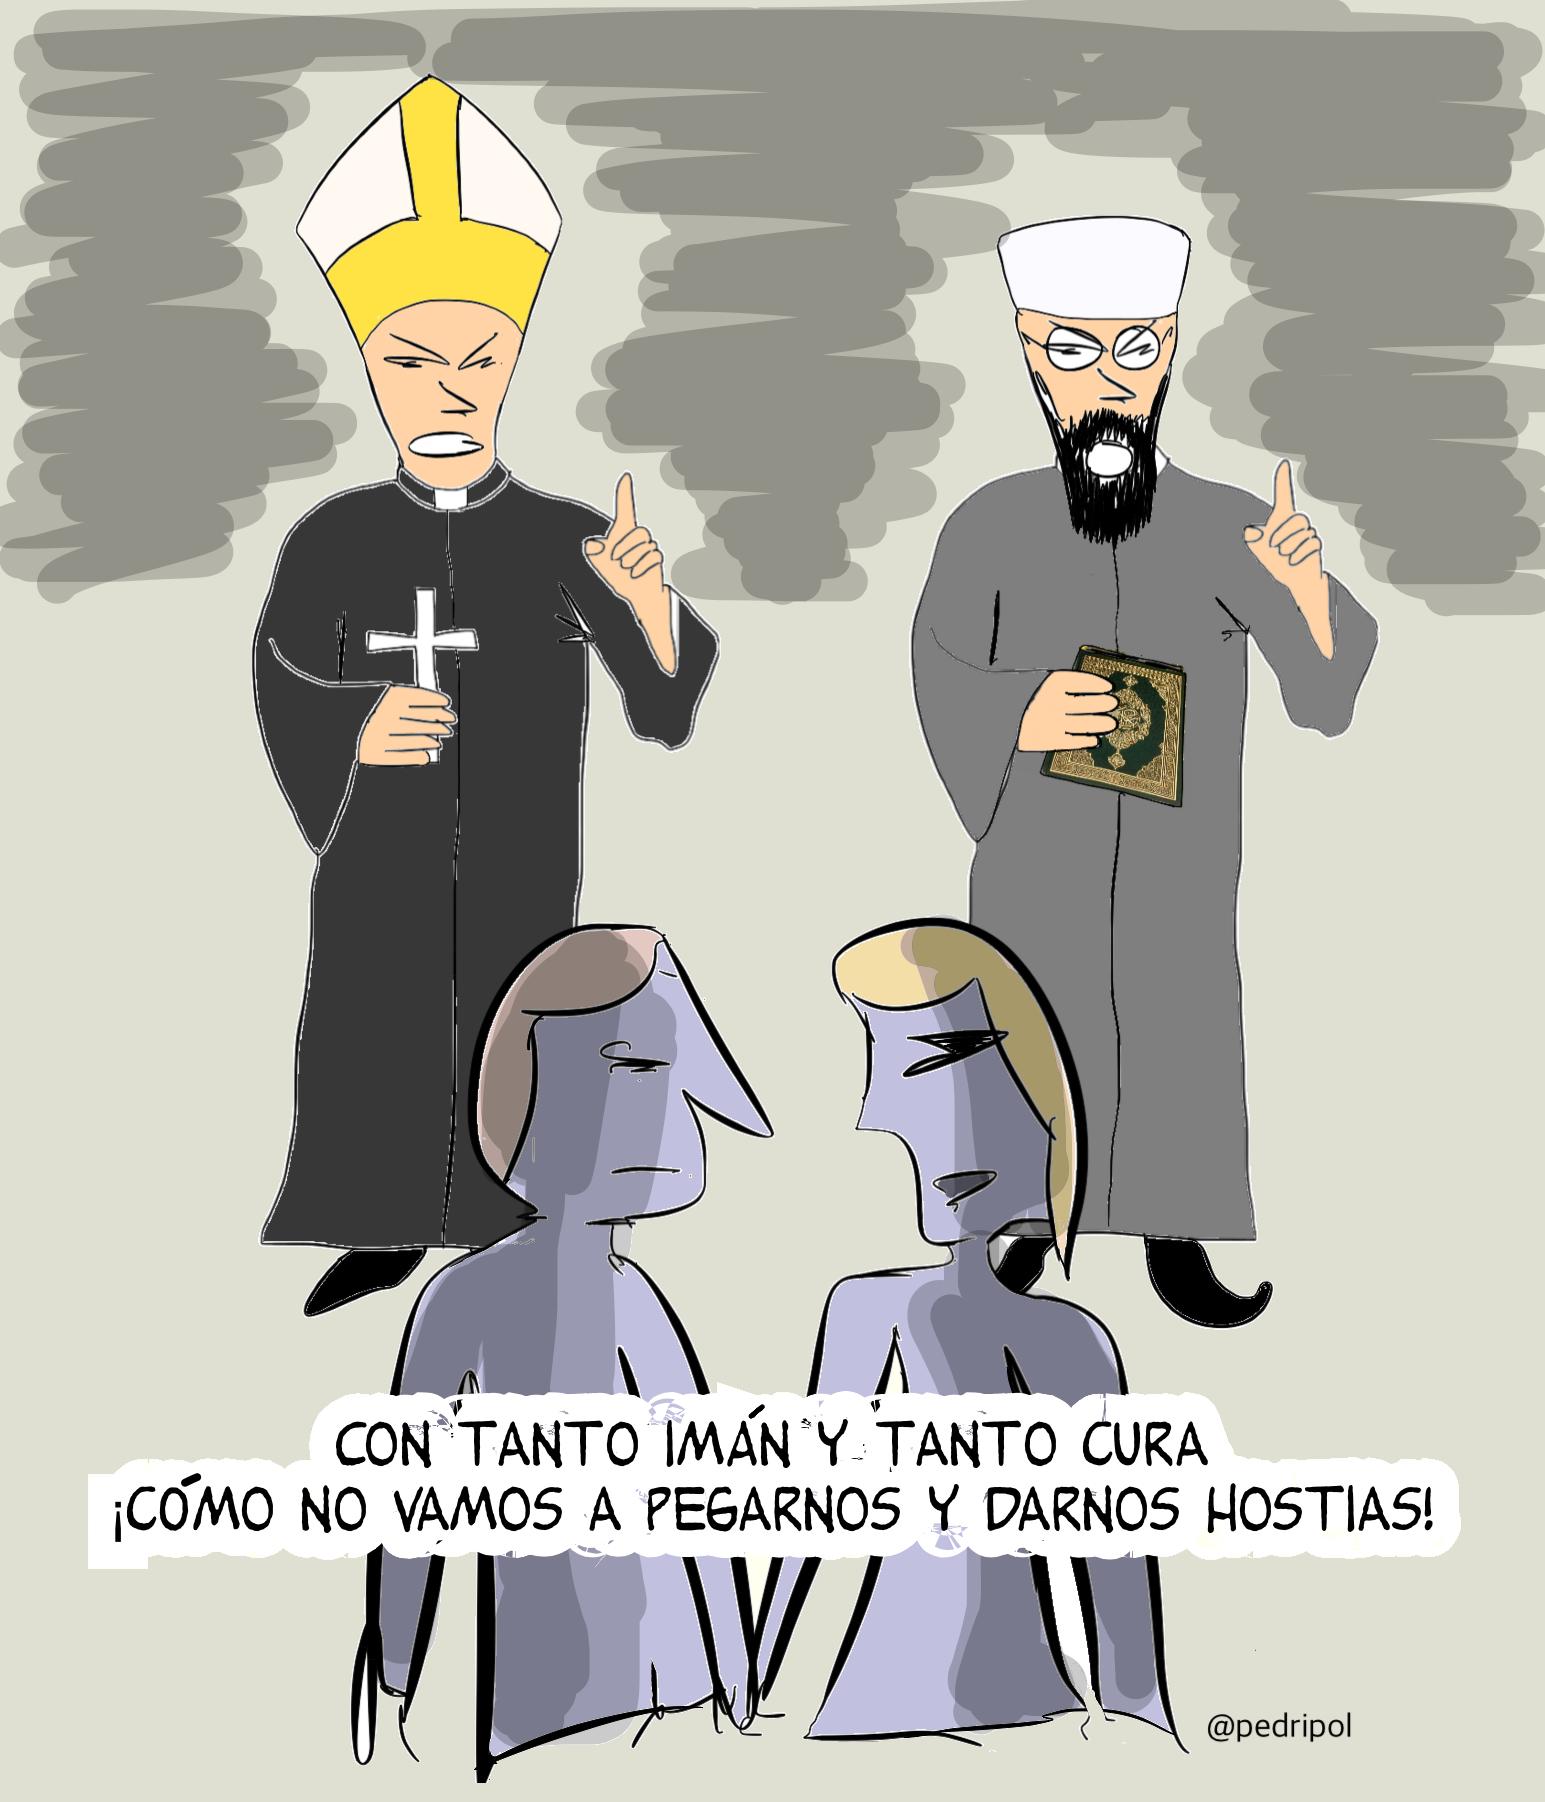 Imanes y Curas